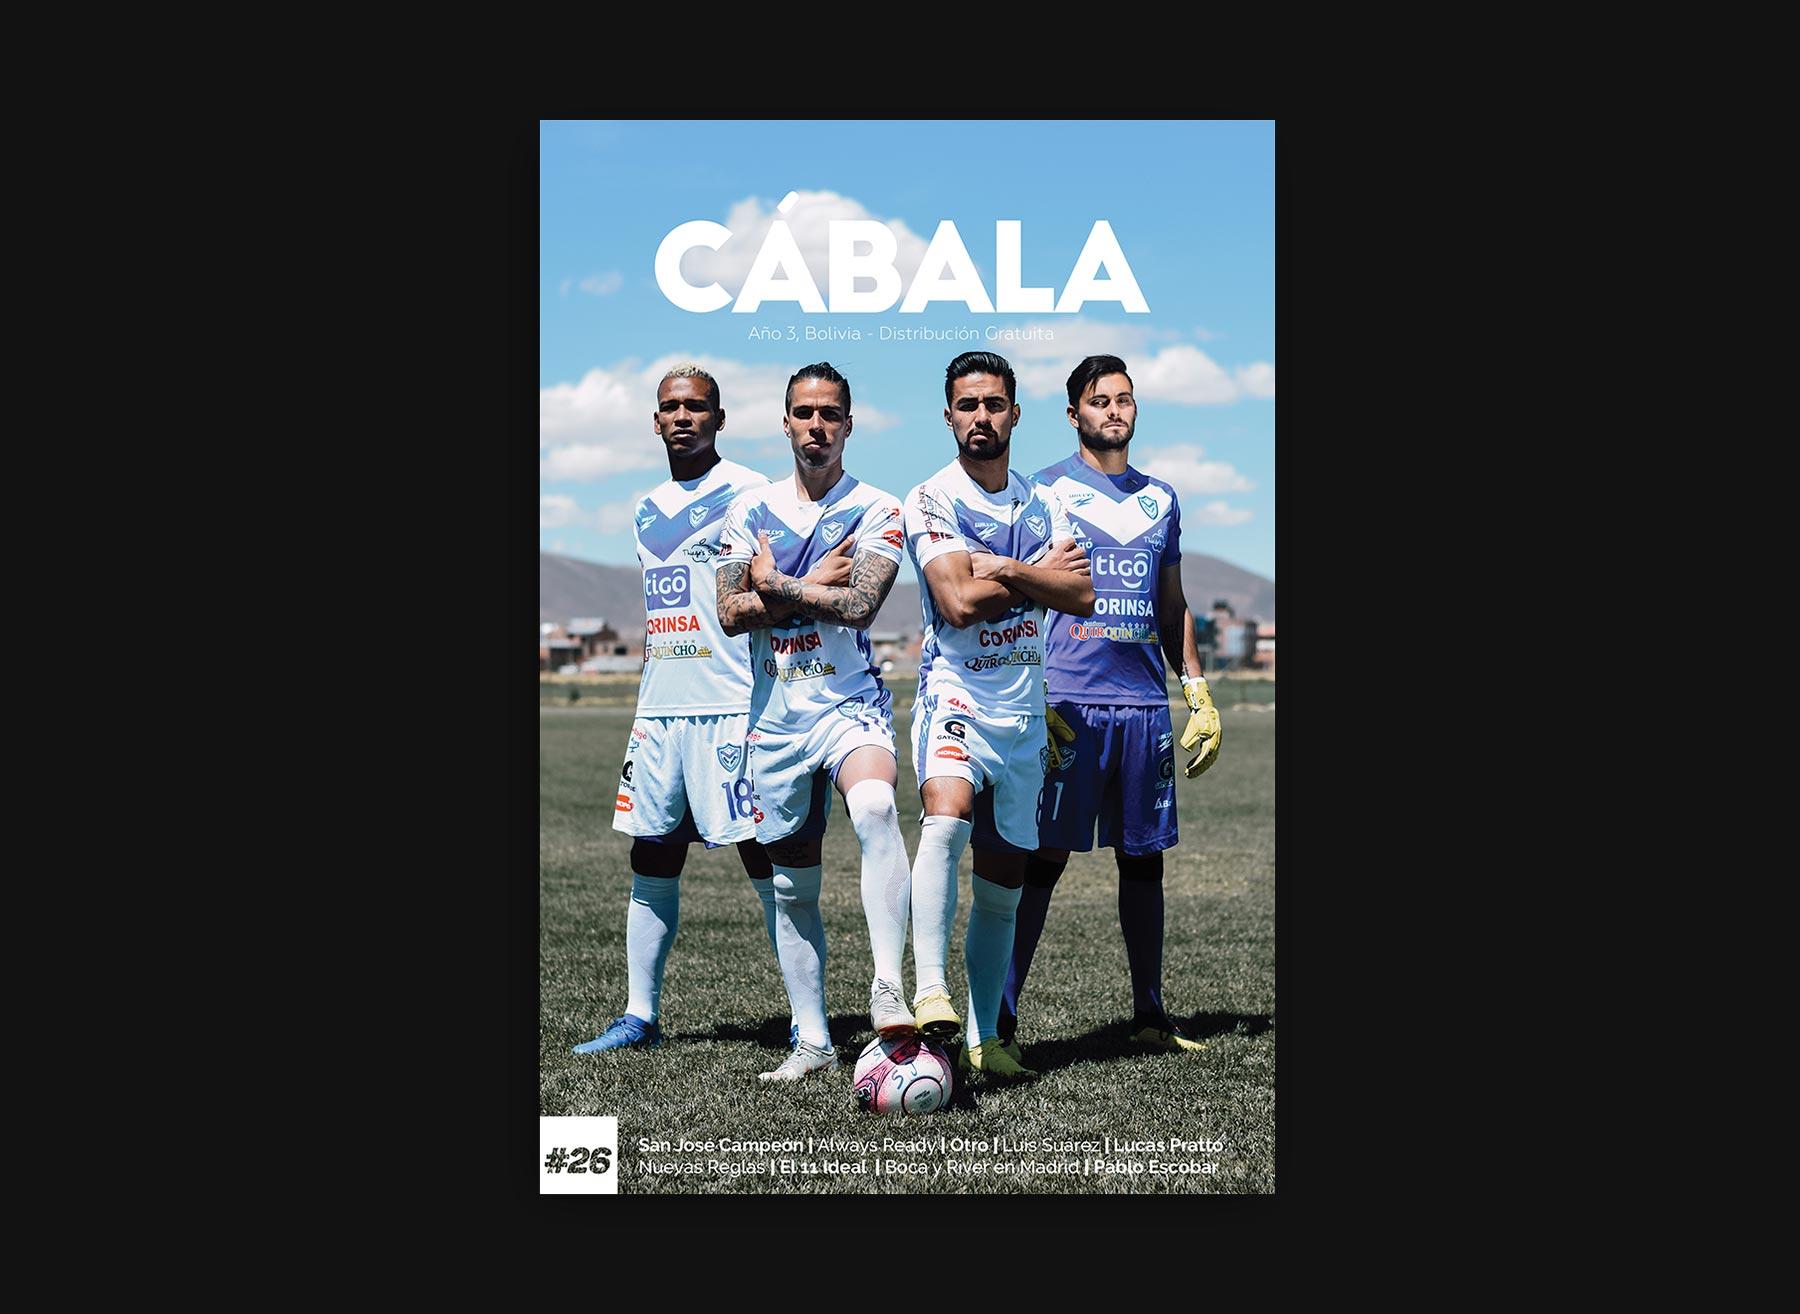 CABALA26-1